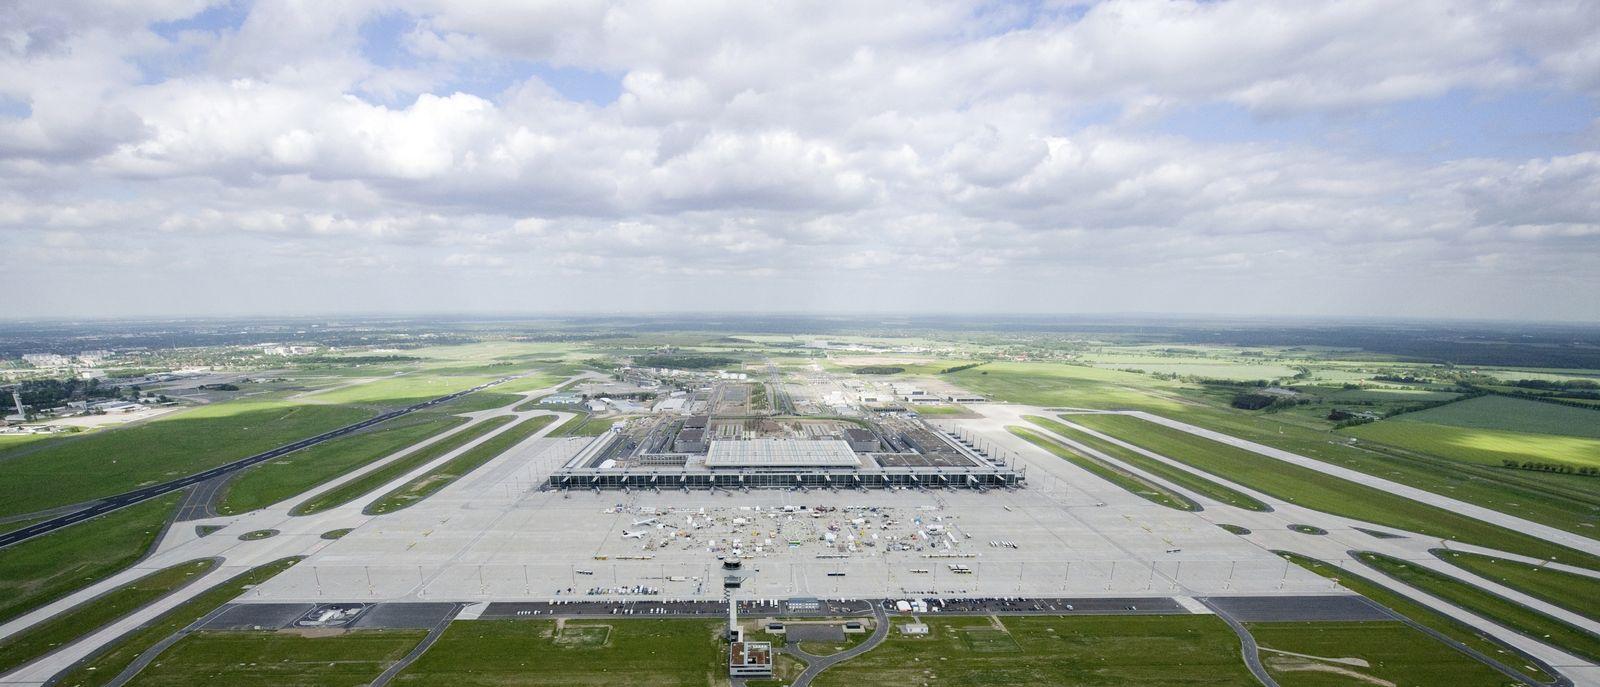 NICHT VERWENDEN Berlin / Flughafen XXL